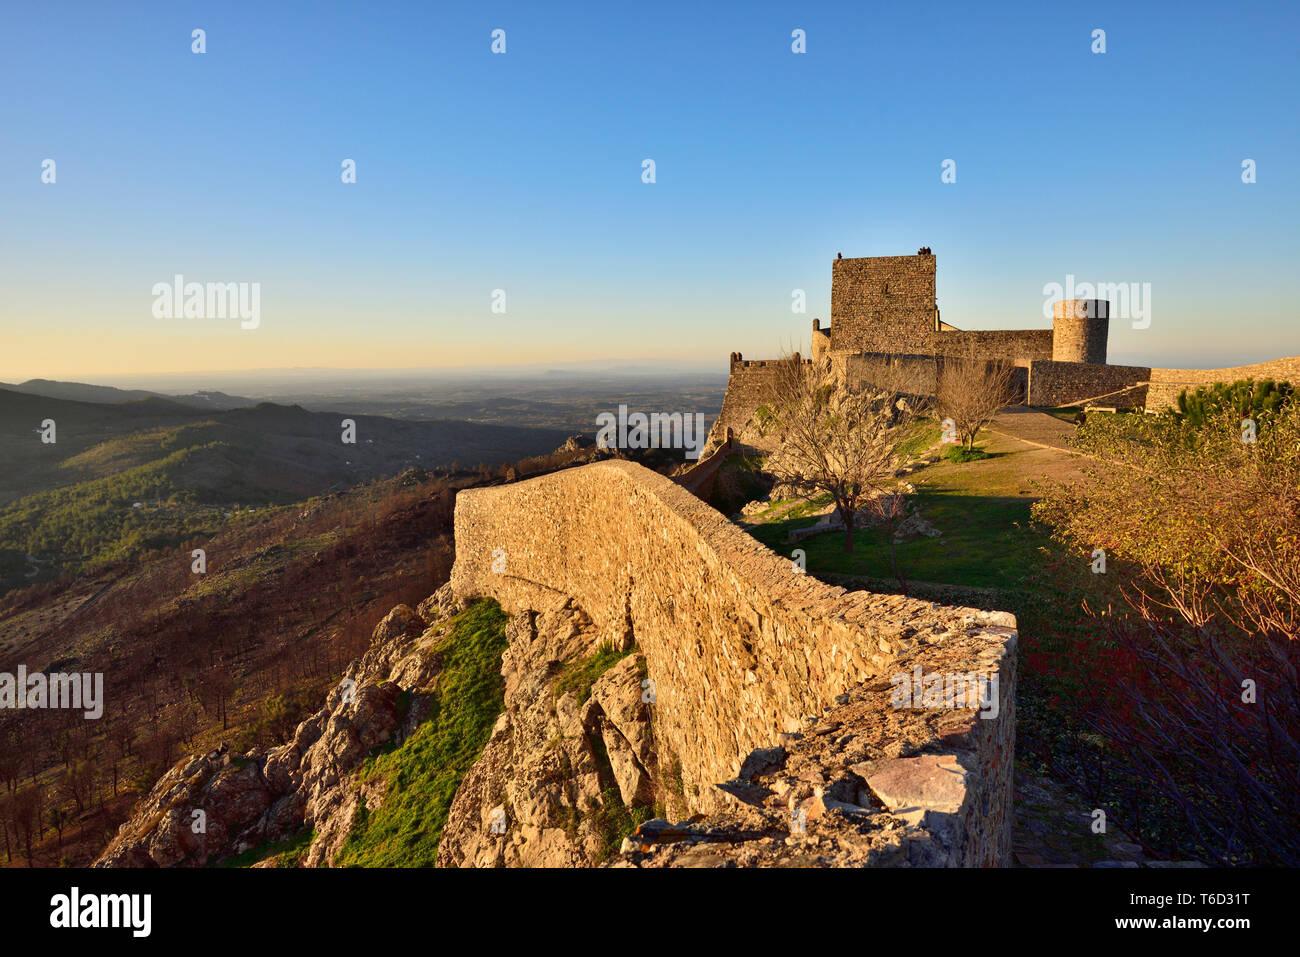 Die mittelalterliche Burg von Ohrid. Alentejo, Portugal Stockfoto